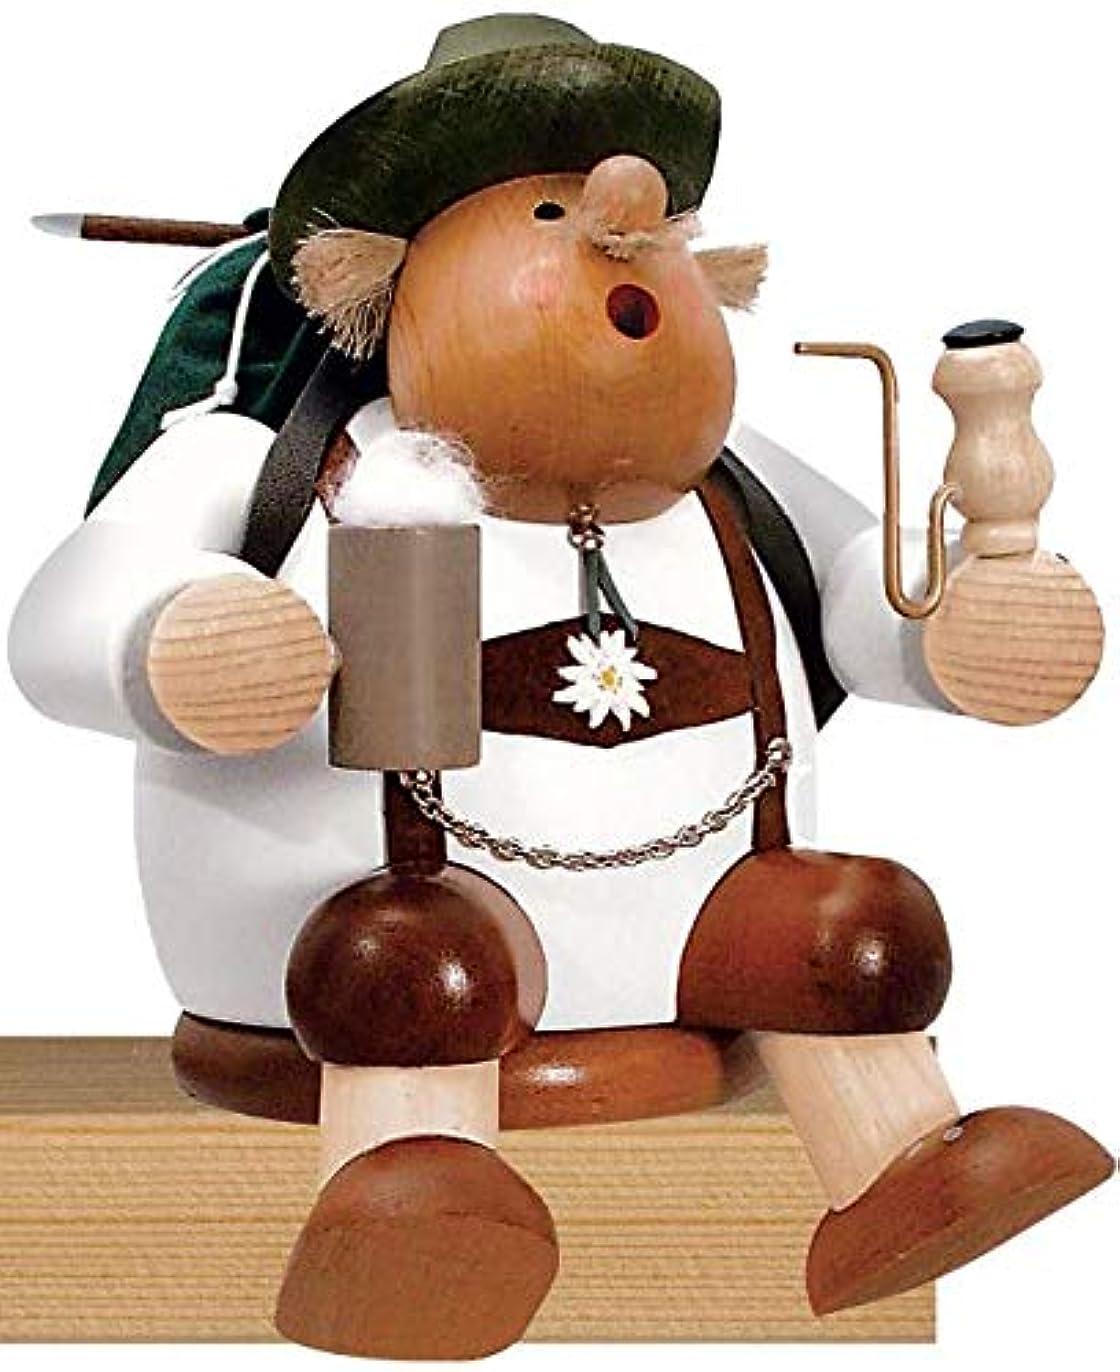 ラグ逃す保持KWO バイエルンランブラー ドイツ製クリスマスインセンススモーカー ドイツ製